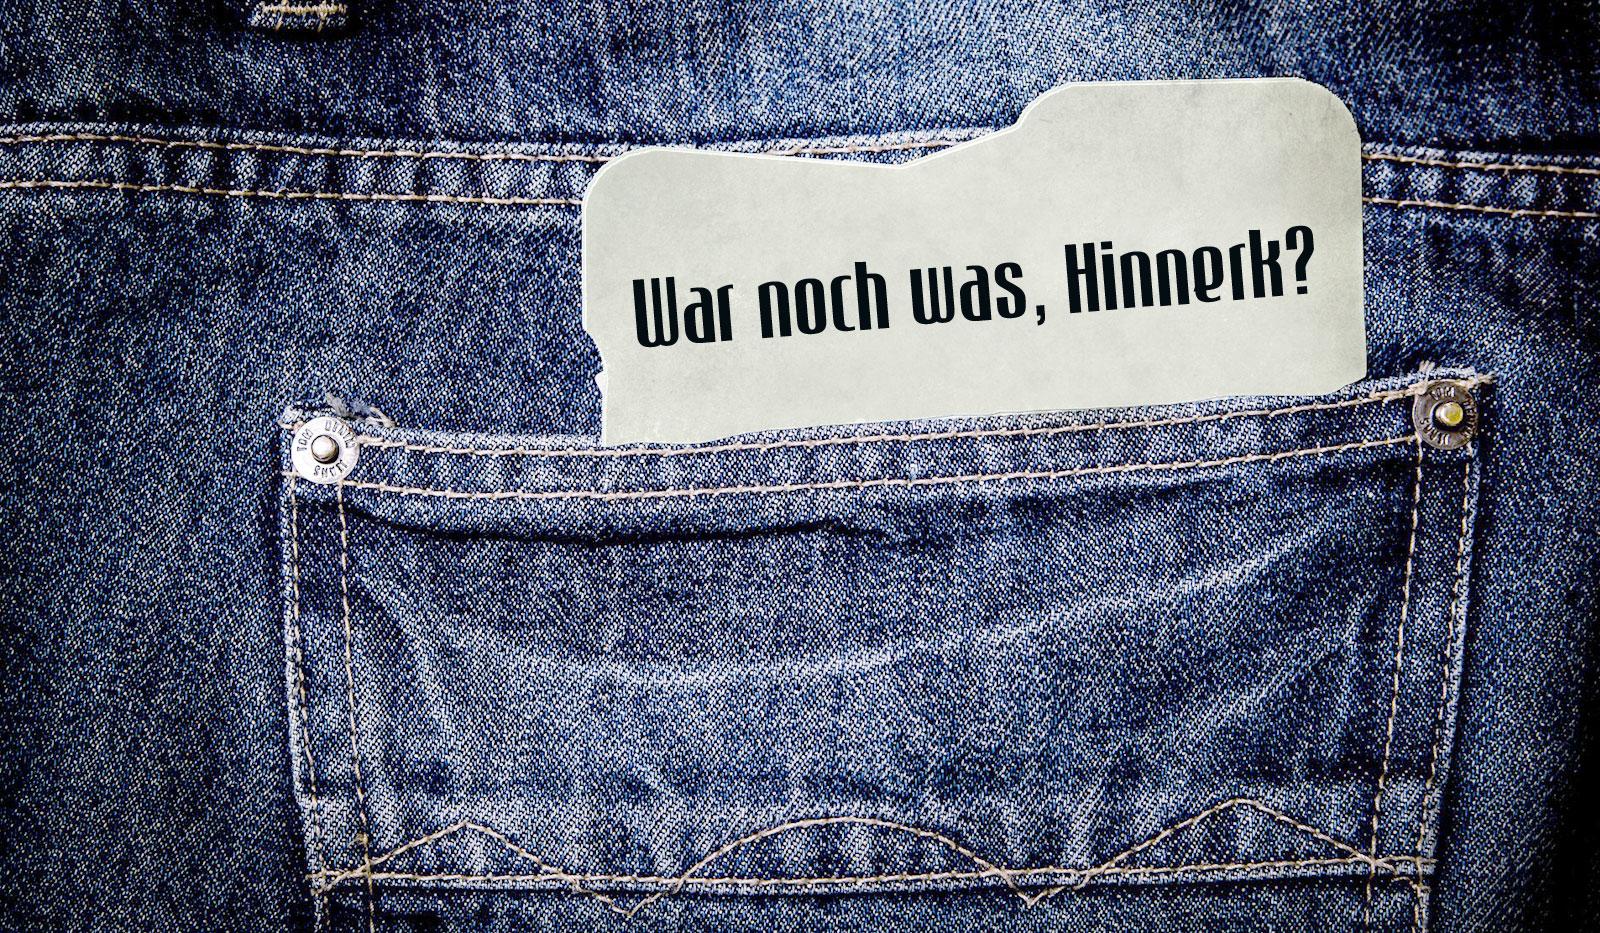 Tasche einer Jeanshose mit einem Zettel